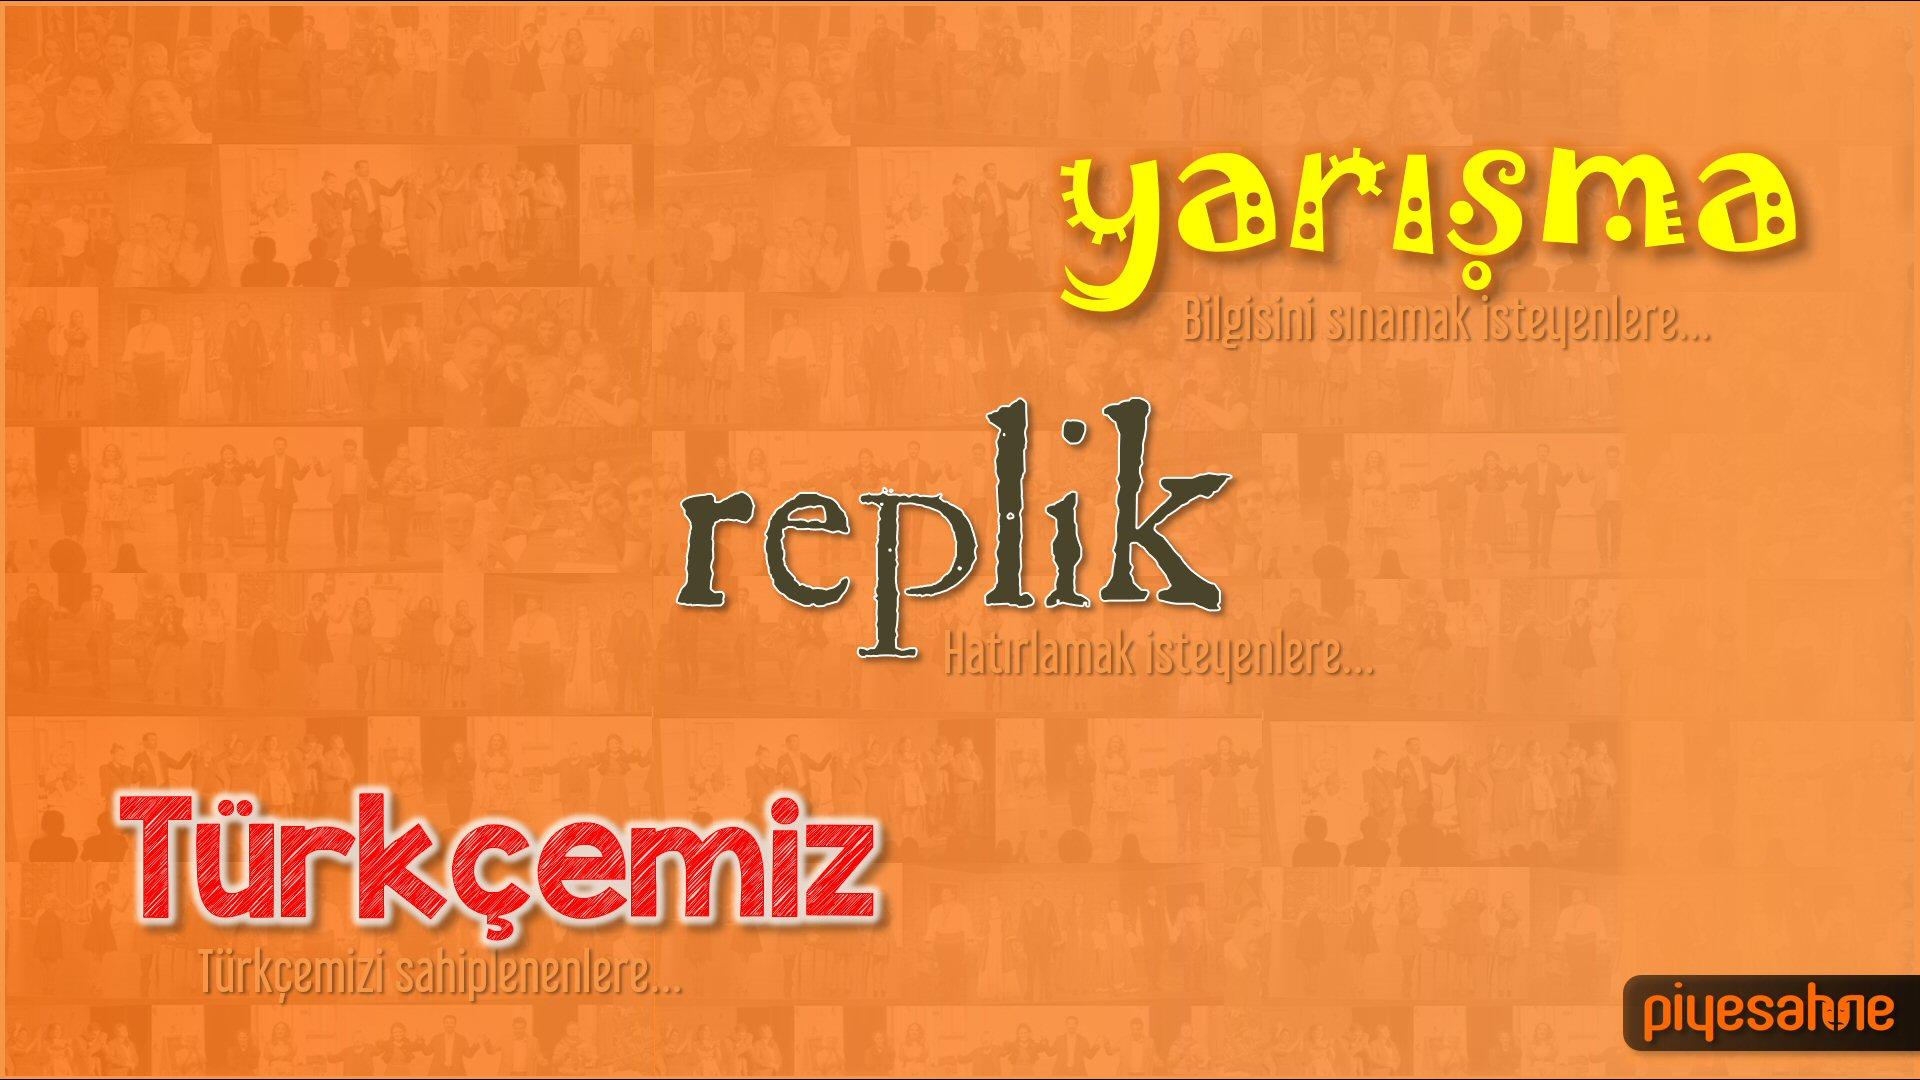 06-07-08--piyesahne-yarisma+replik+Turkcemiz